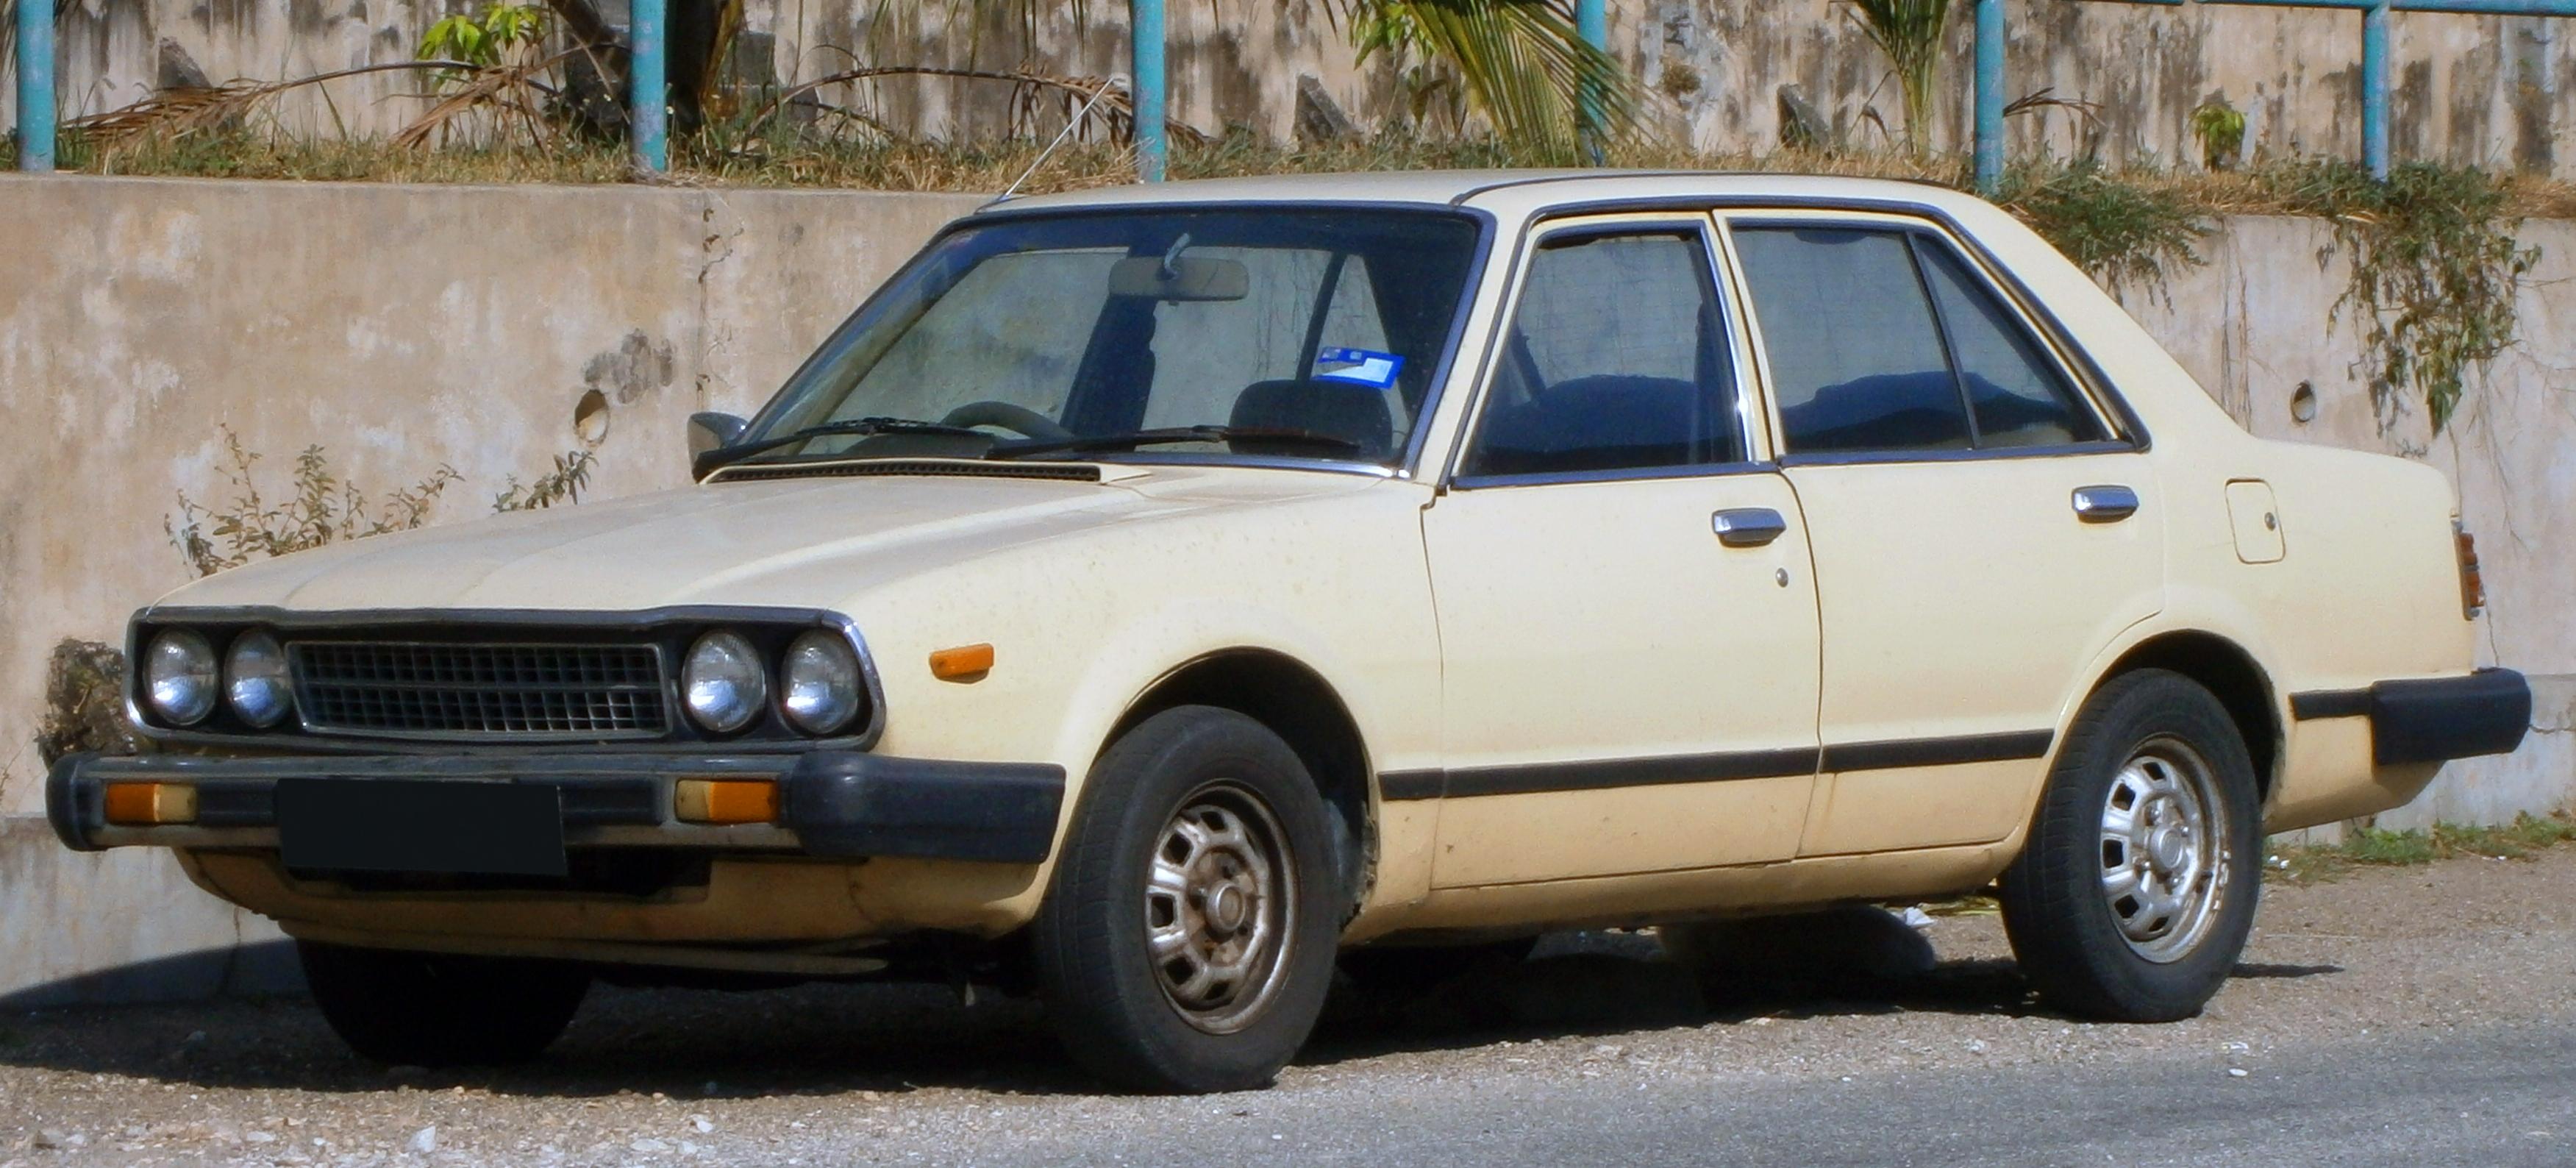 1981_Honda_Accord_saloon_in_Ipoh%2C_Malaysia_%2801%29 Extraordinary toyota Camry 2006 Vs Honda Accord 2006 Cars Trend